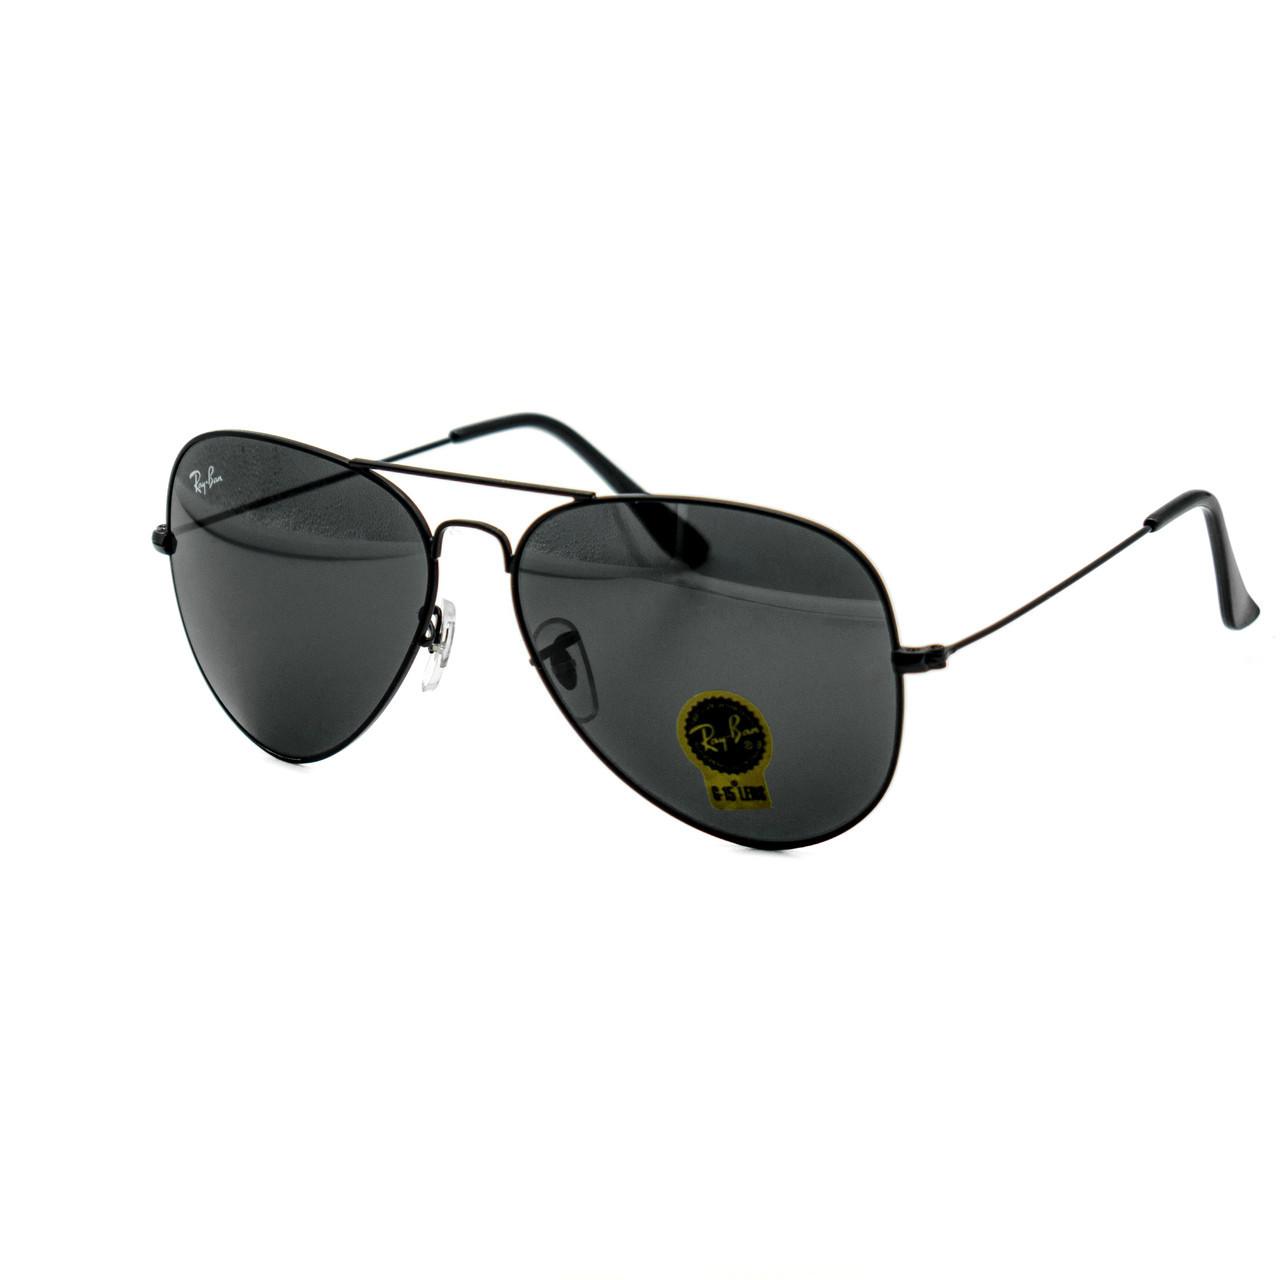 Очки Ray Ban Aviator Carbon черные (replica)